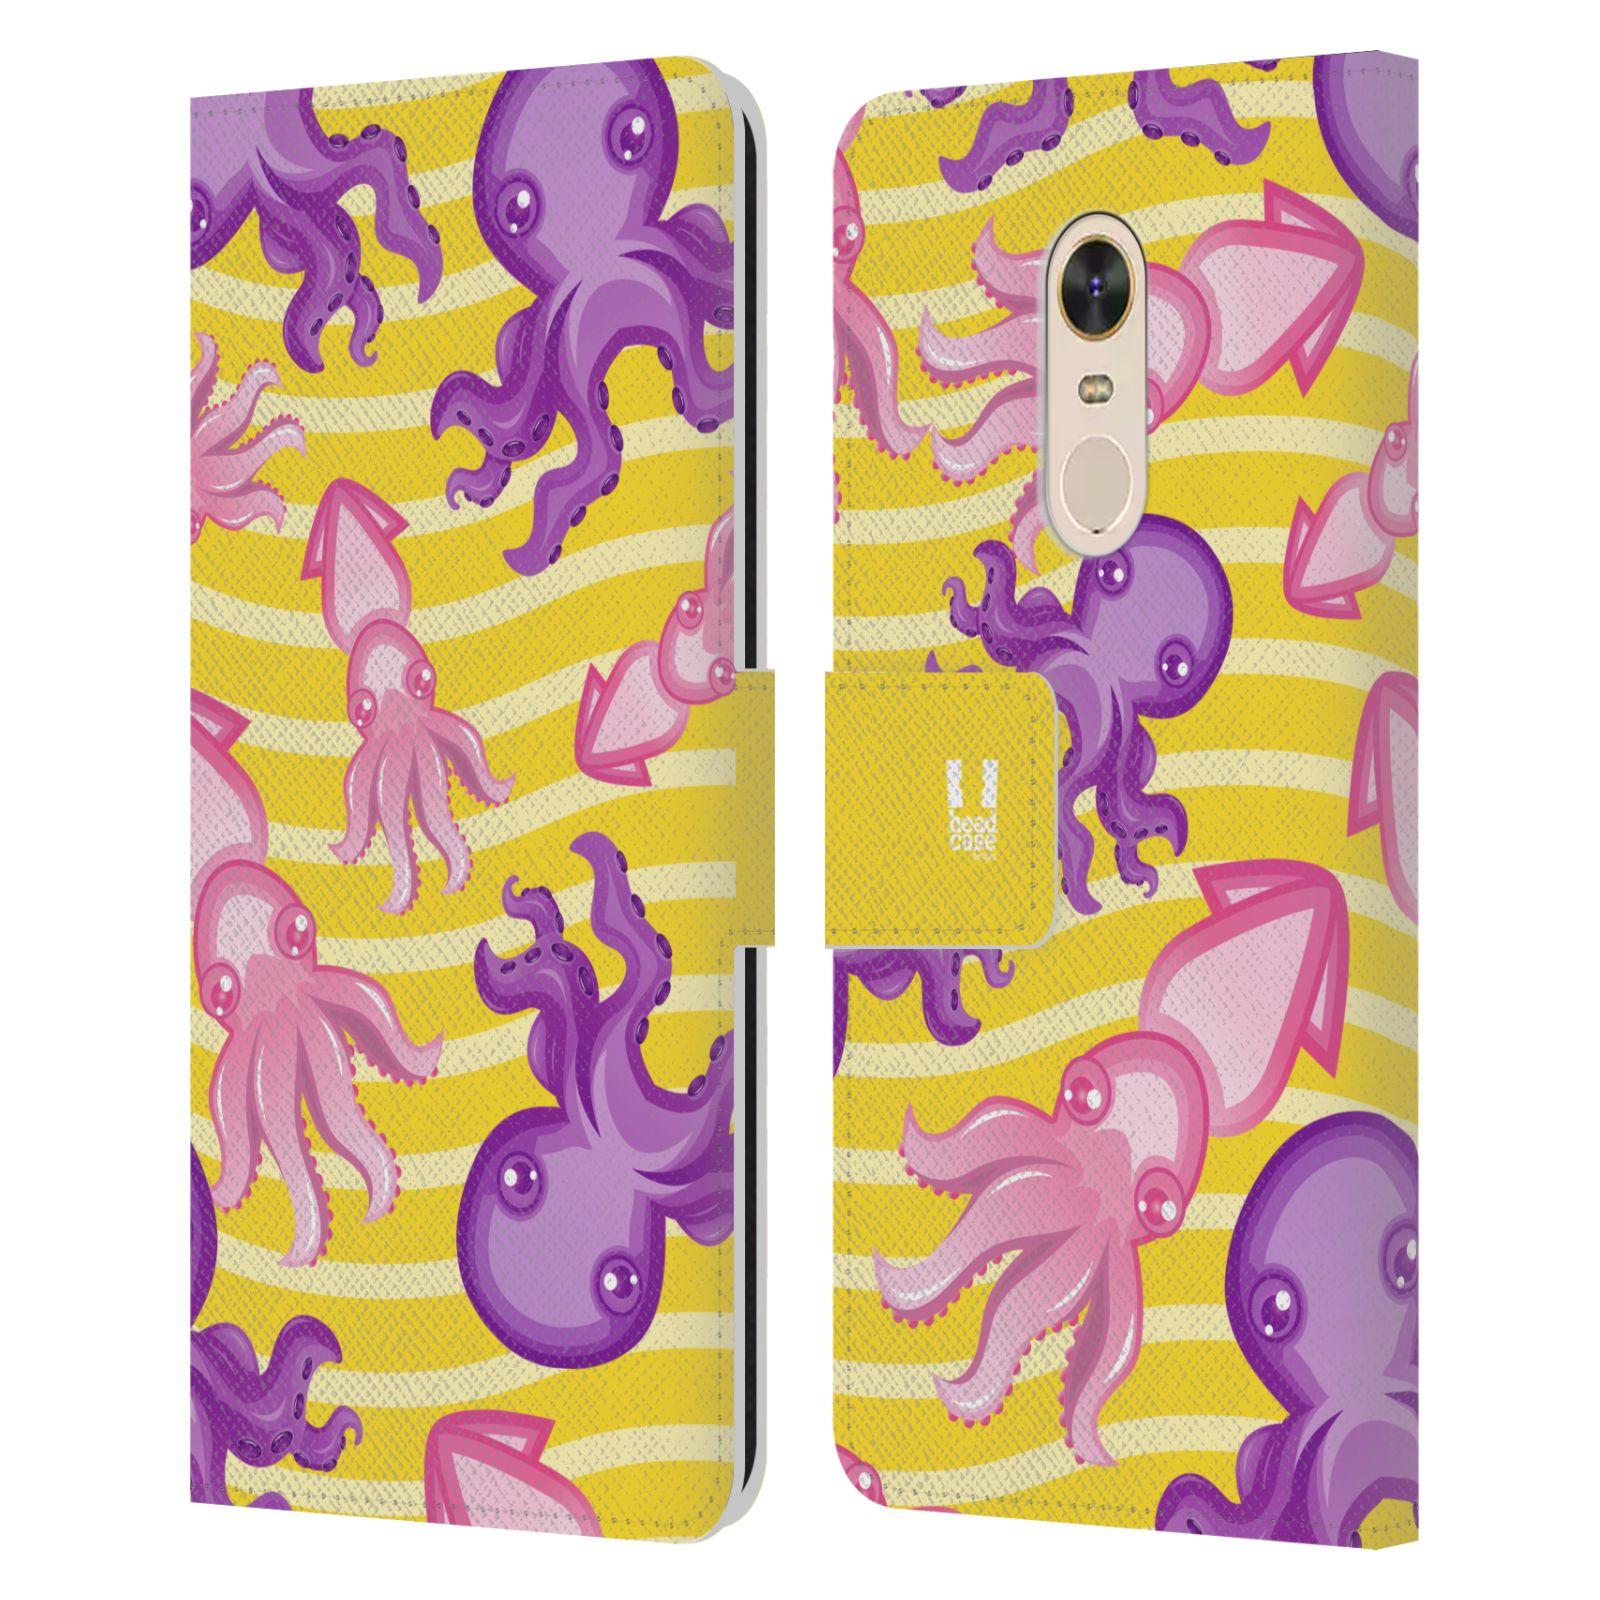 HEAD CASE Flipové pouzdro pro mobil Xiaomi Redmi 5 PLUS Mořský živočich chobotnice a krakatice žlutá barva